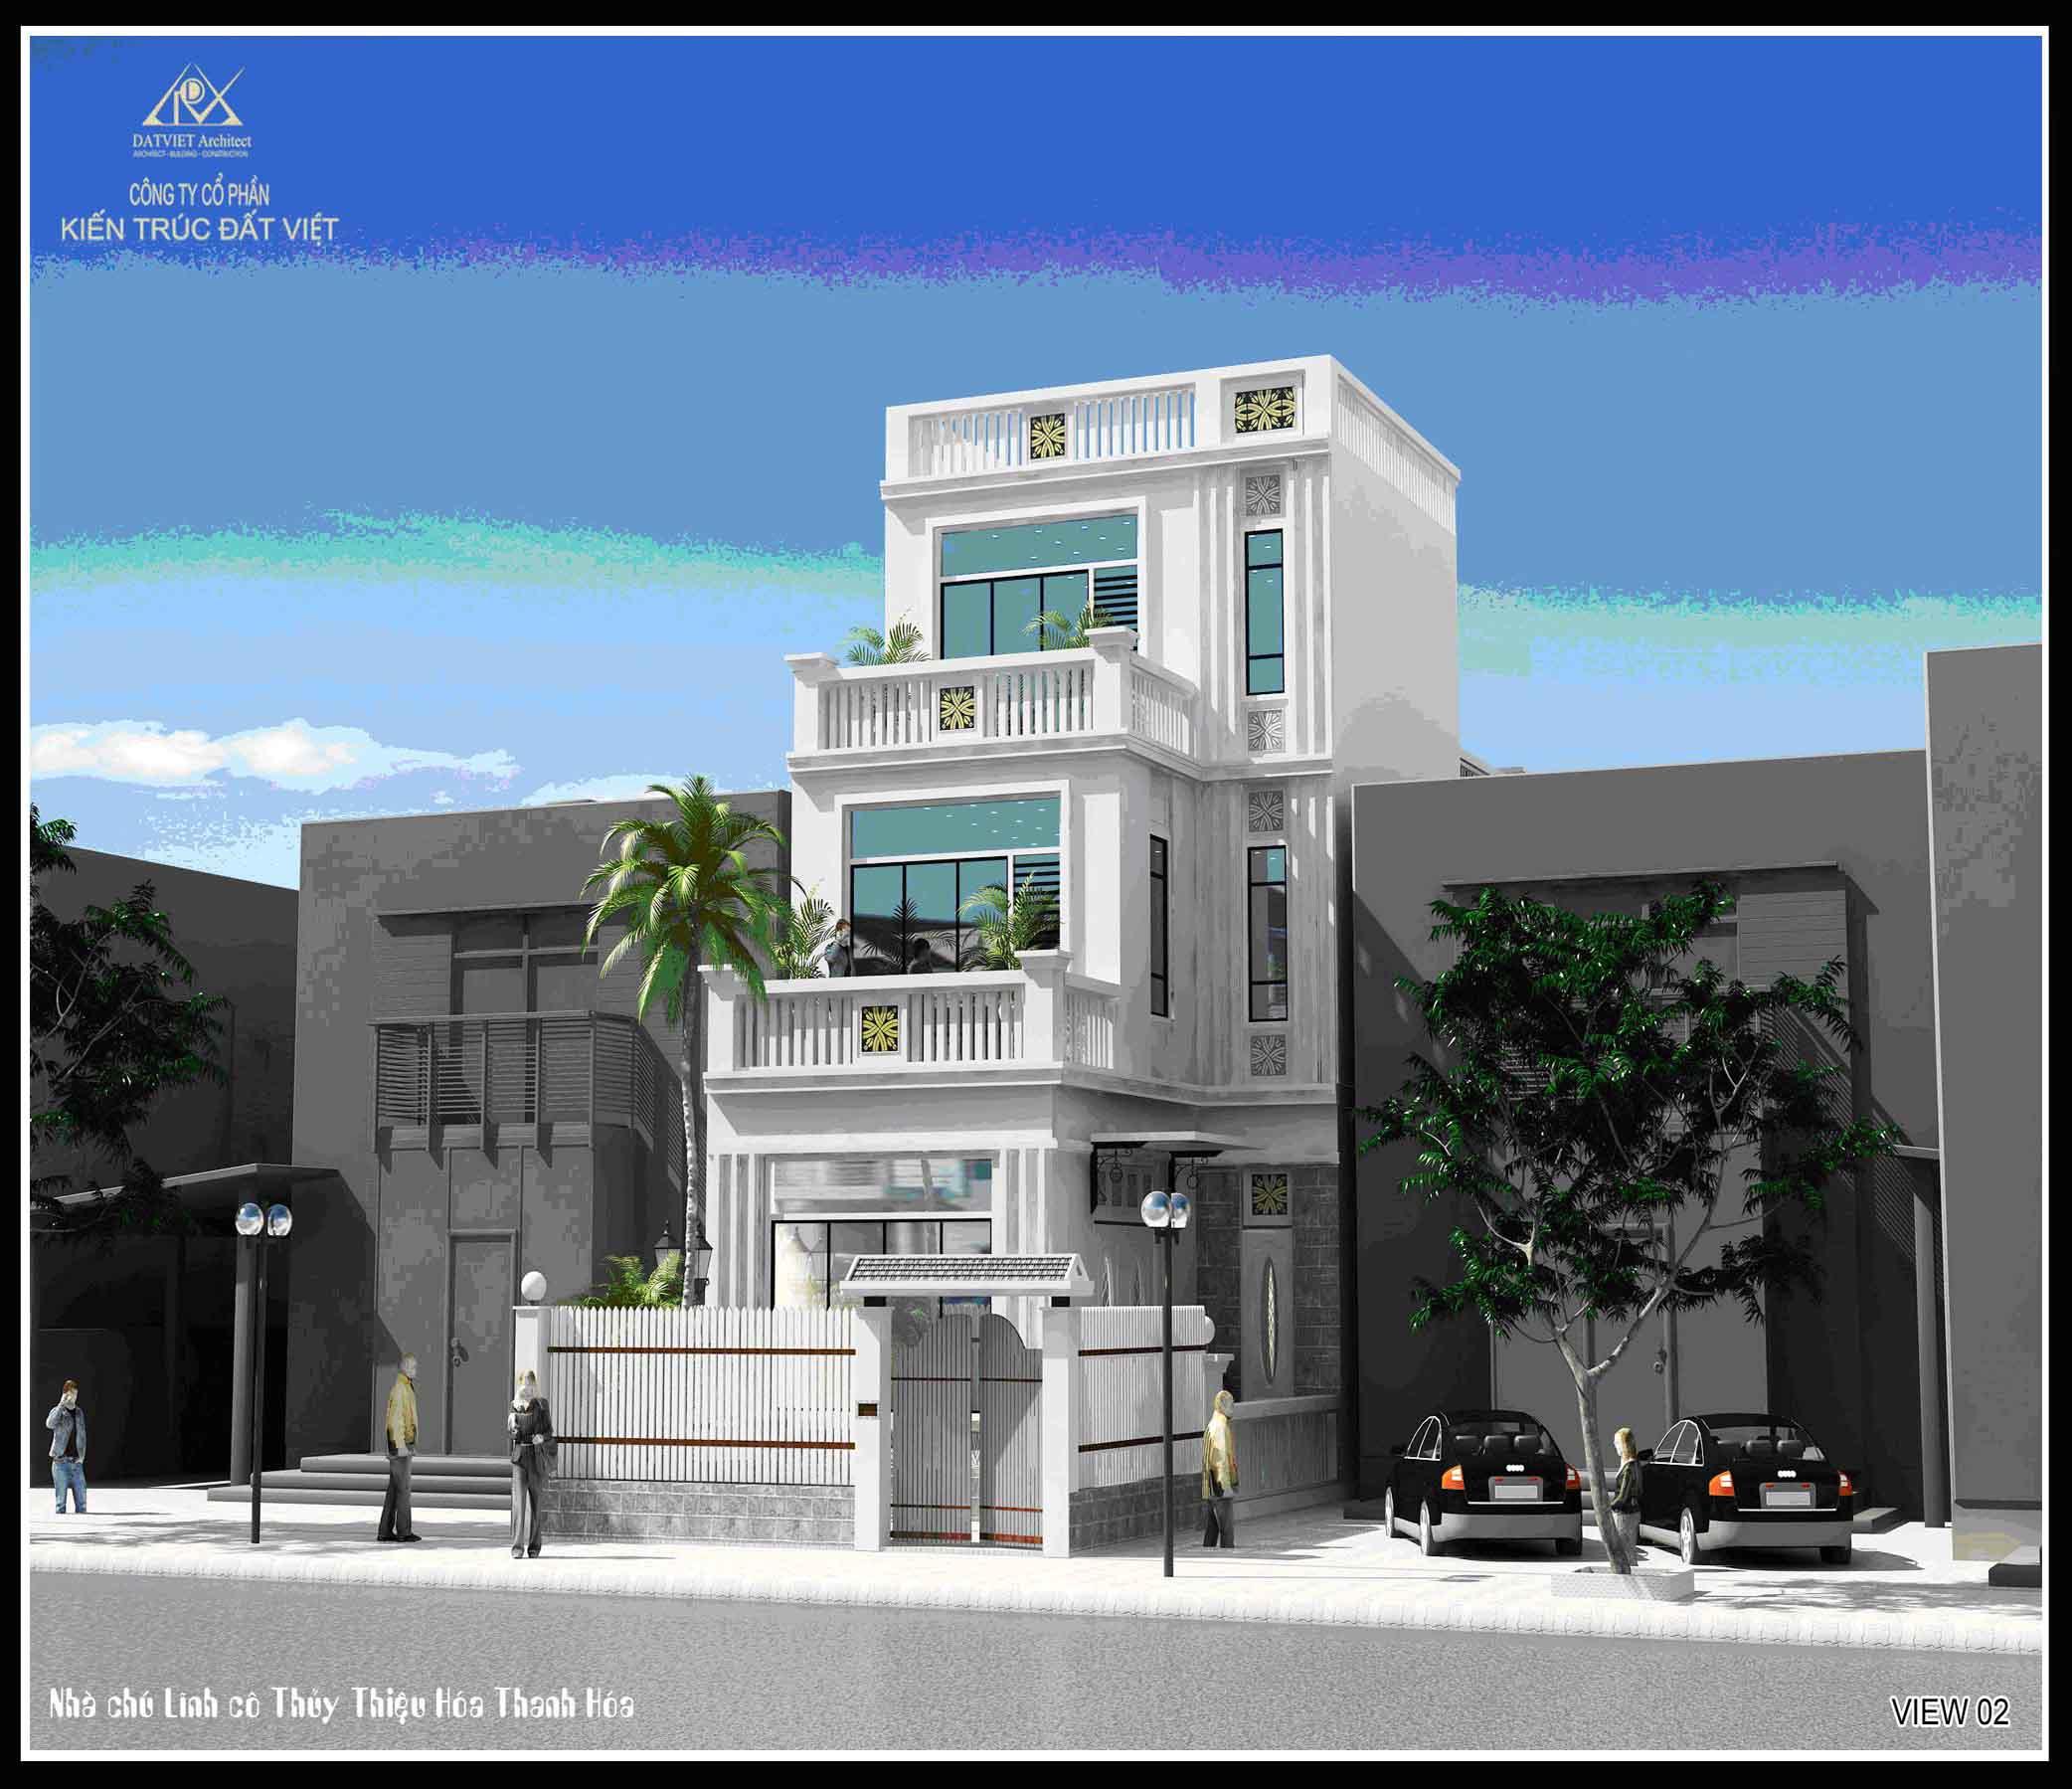 Kiến trúc, khách sạn, thiết kế khách sạn, kien truc khach san, thiet ke khach san, khach san cao cap, biệt thự, thiết kế biệt thự, thiết kế biệt thự vườn, biệt thự phố